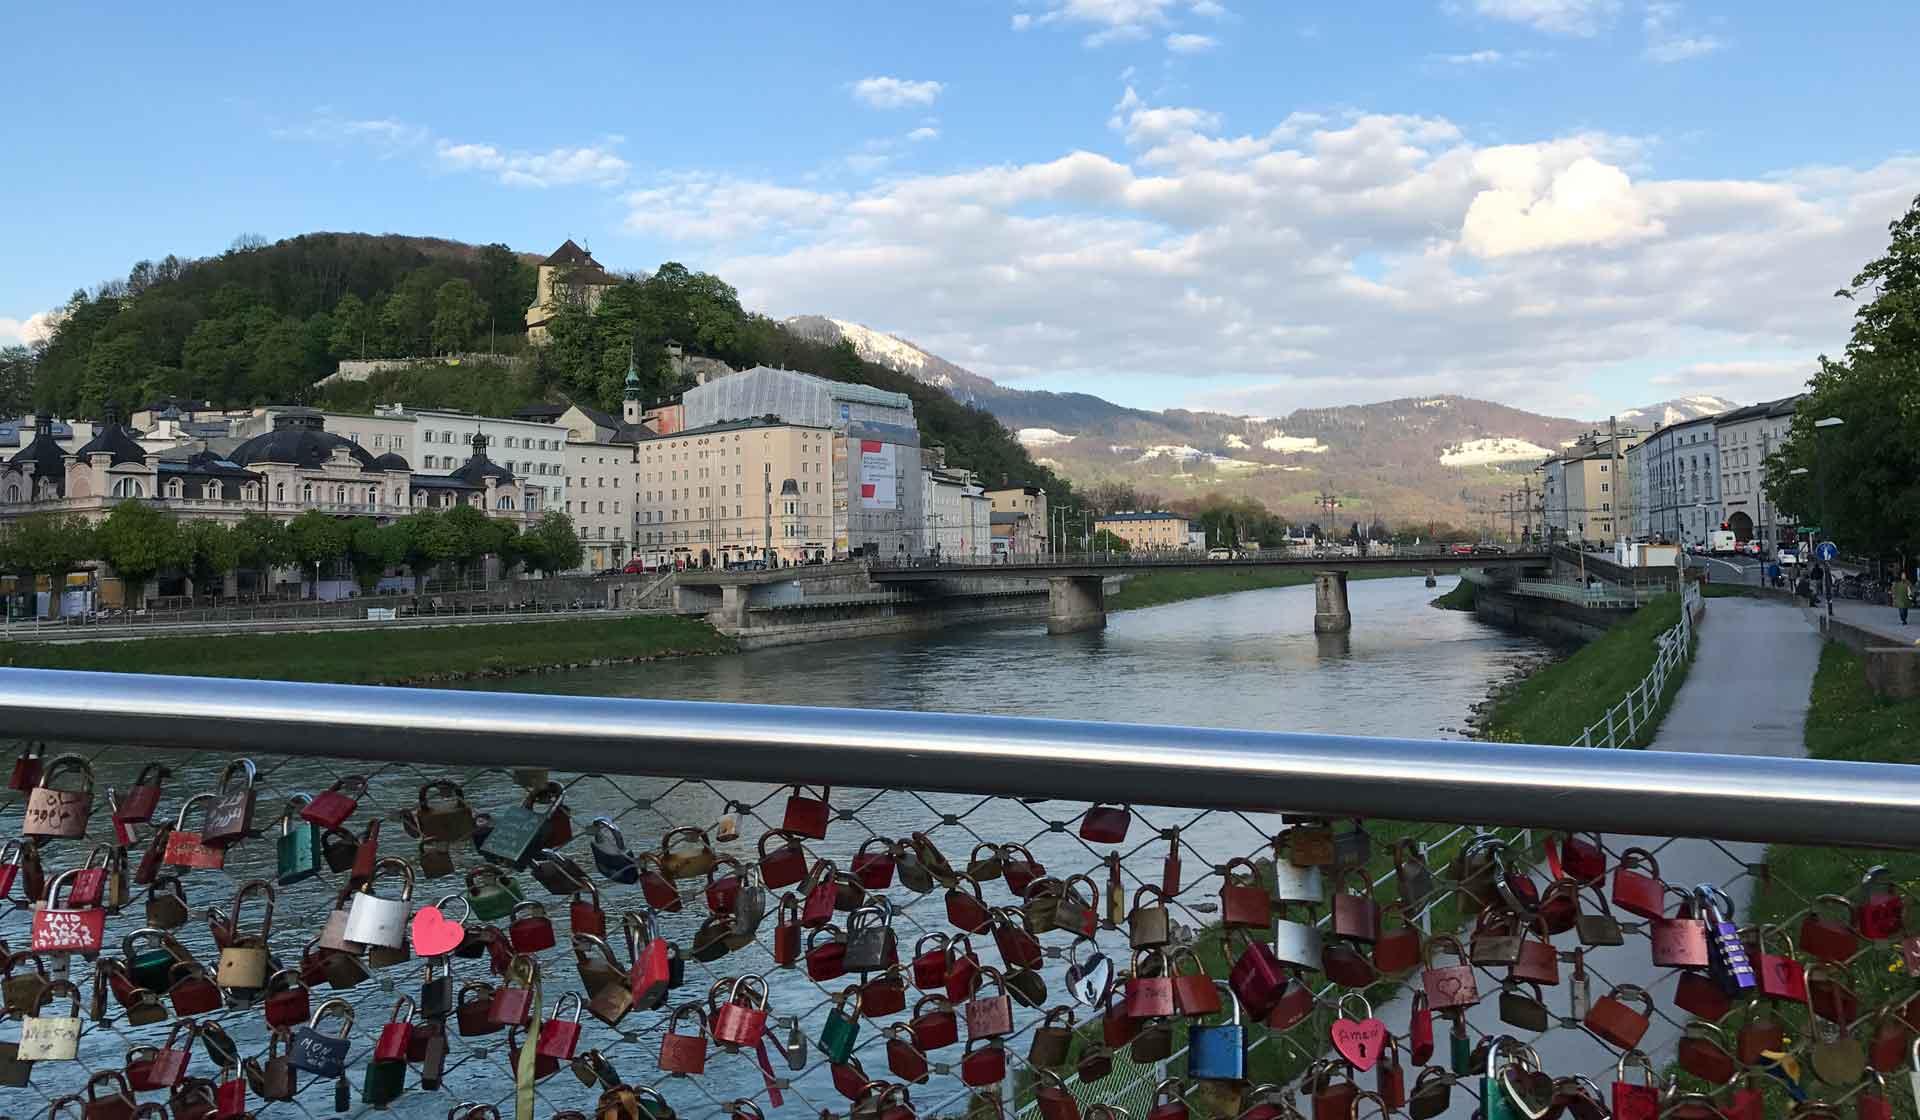 4 giorni a Salisburgo e nel salisburghese. Itinerario di visita